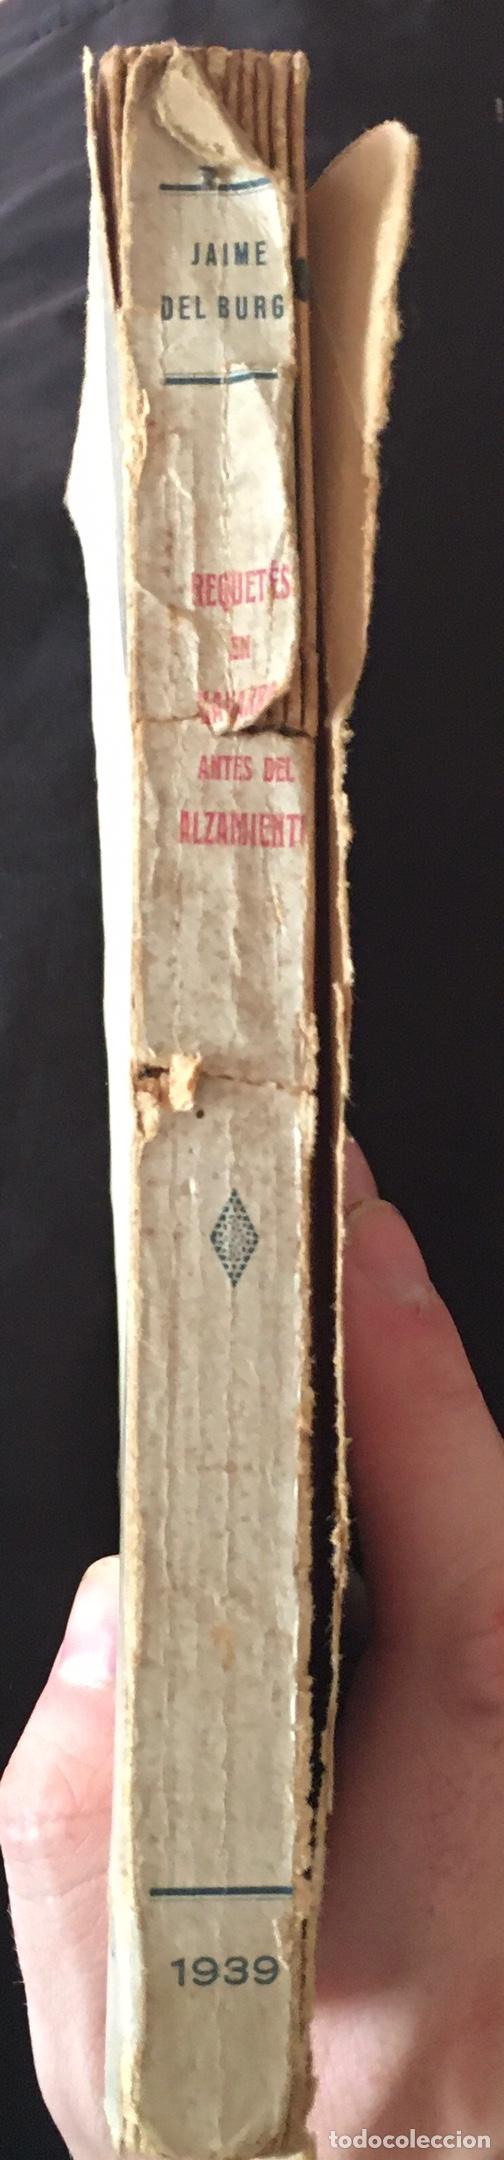 Libros de segunda mano: REQUETES EN NAVARRA ANTES DEL ALZAMIENTO- Jaime del Burgo - 1939 - INTONSO - 188p. - Foto 4 - 212723006